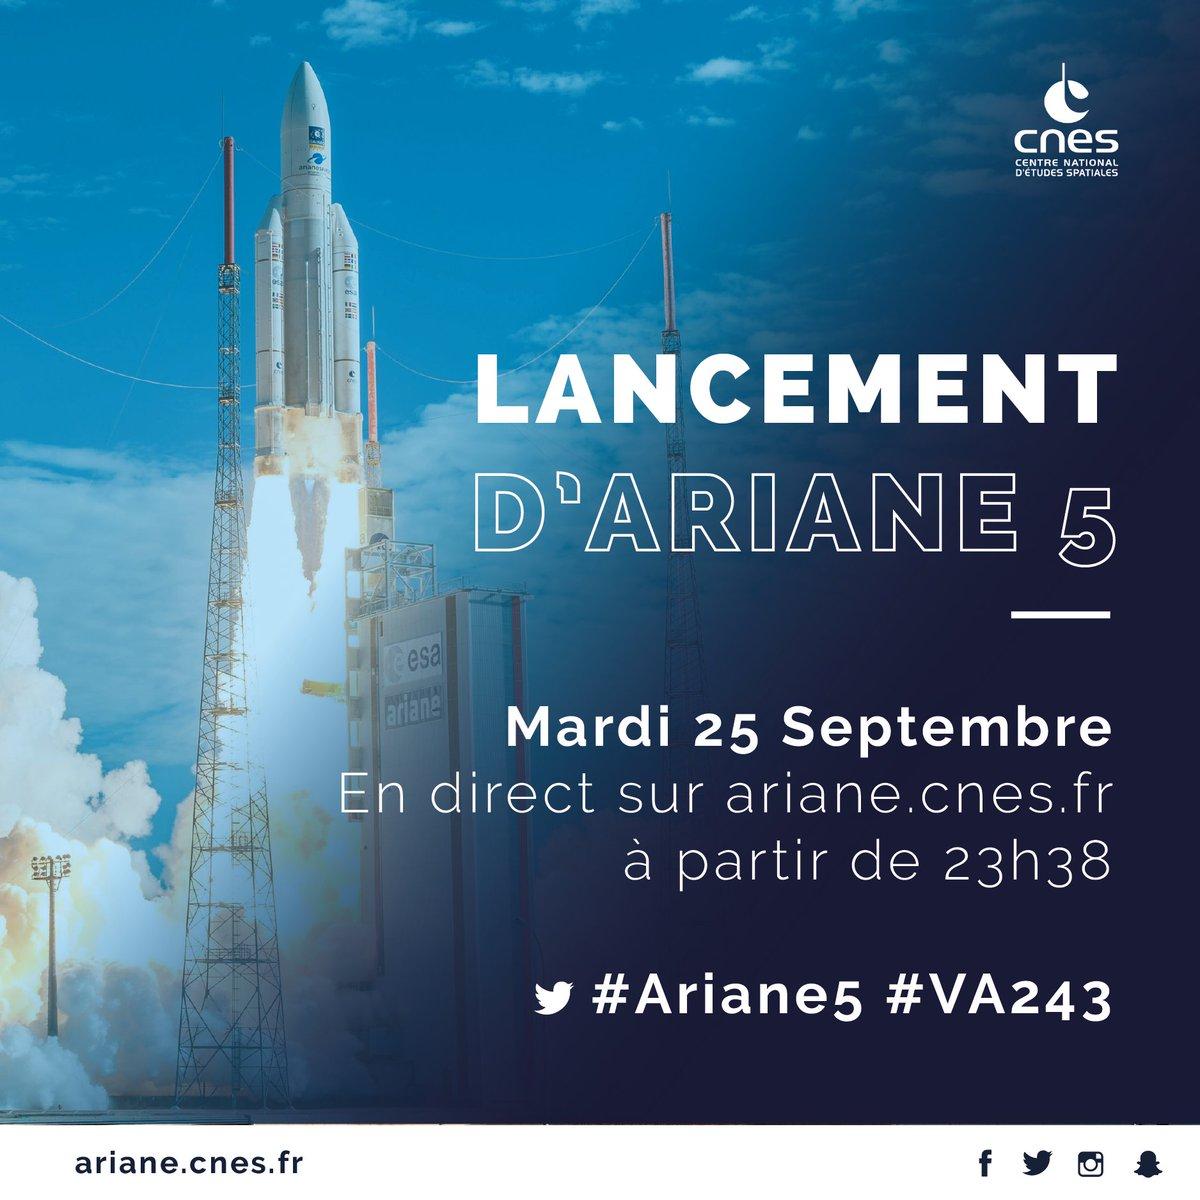 Demain soir, nous serons en direct à partir de 23h38 pour voir la 100e #Ariane5 décoller 💯🚀 #VA243 Rejoignez-nous sur https://t.co/1RGTJ6hjbi ✨